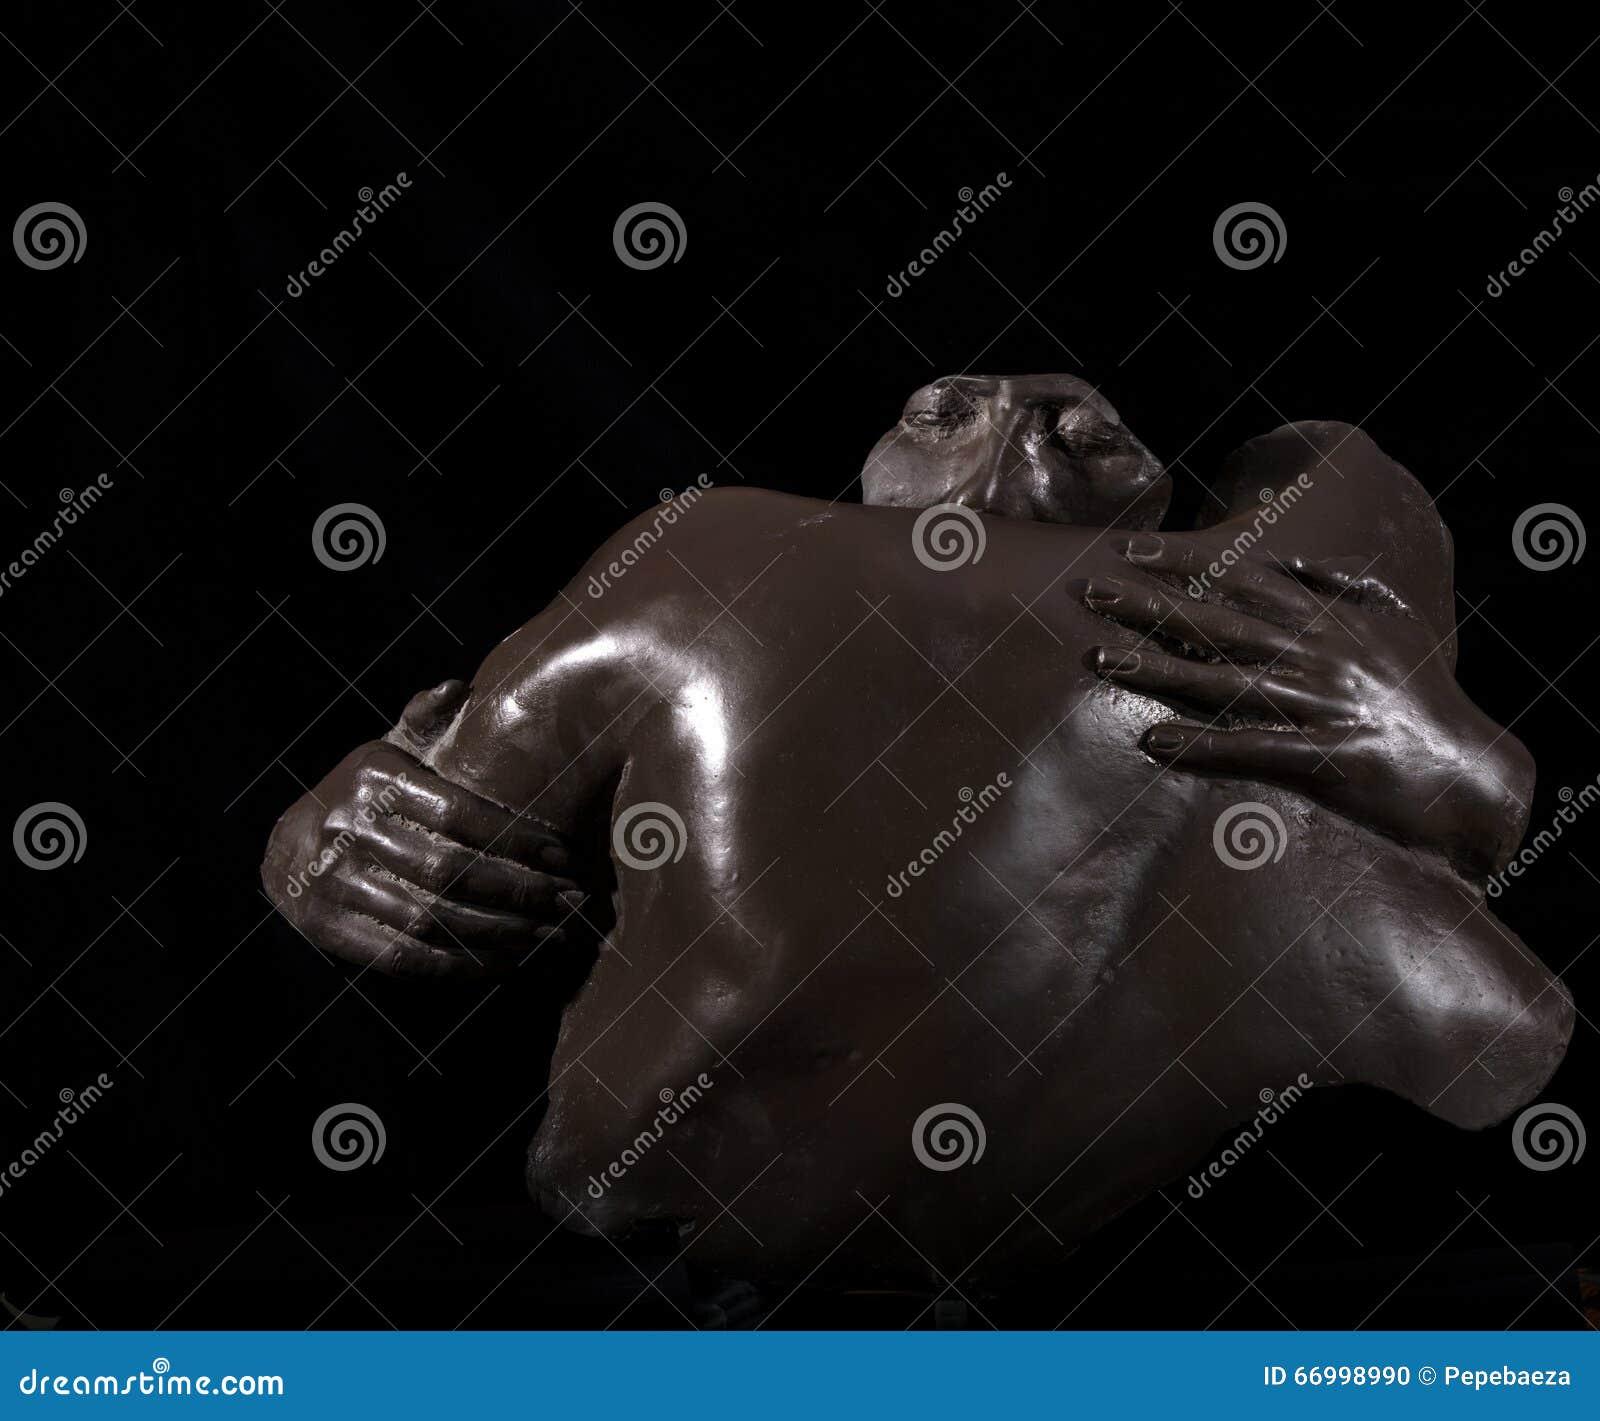 Refugees sculpture